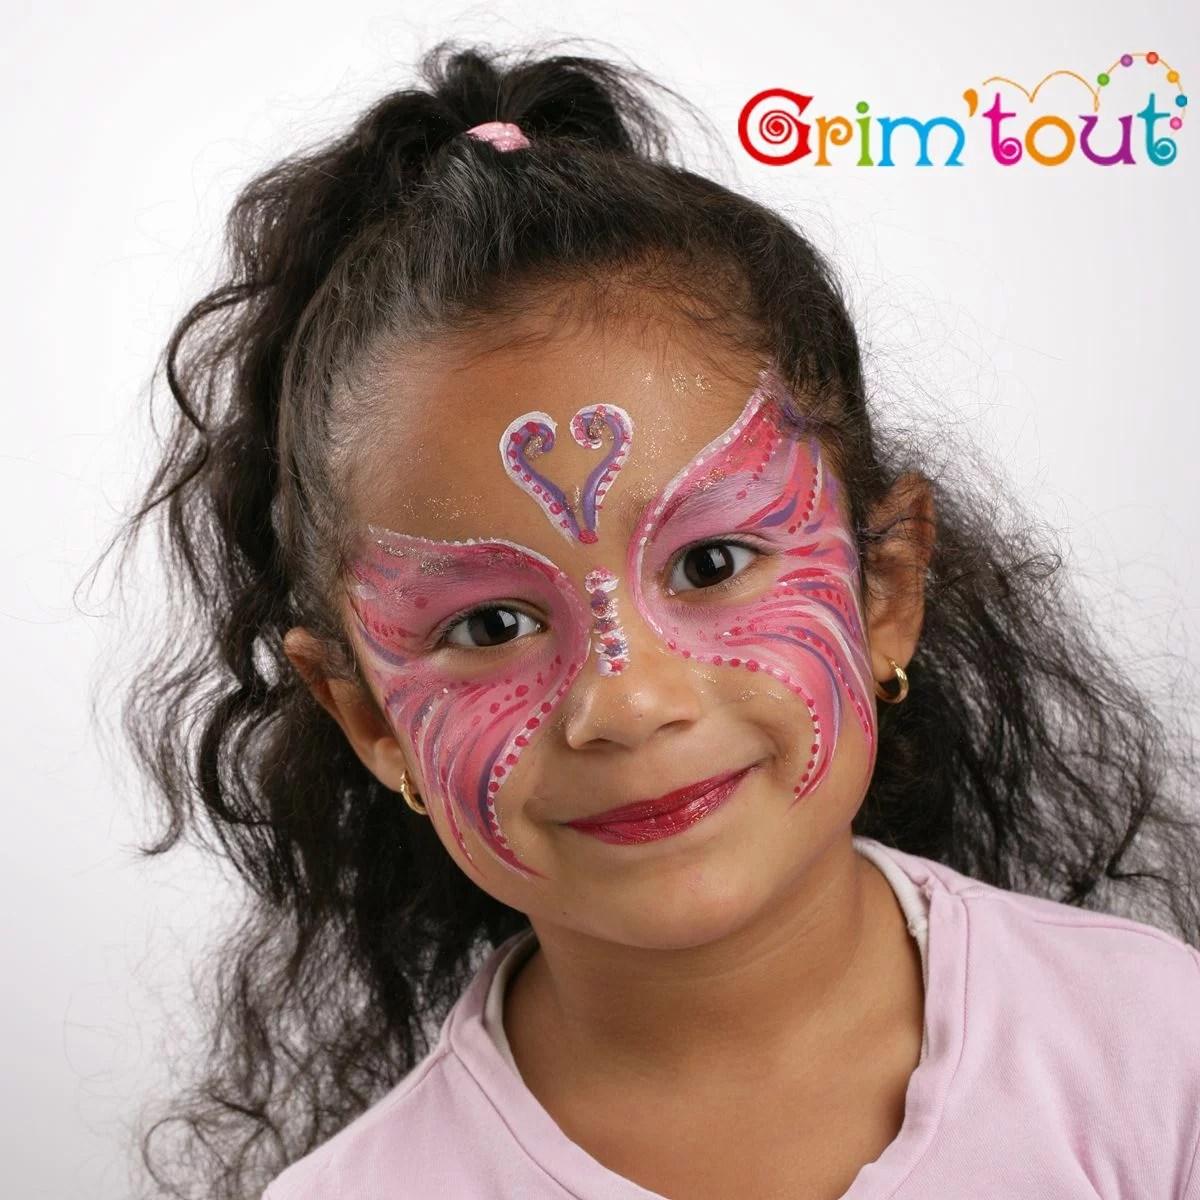 set de maquillage grim tout 4 couleurs fee papillon